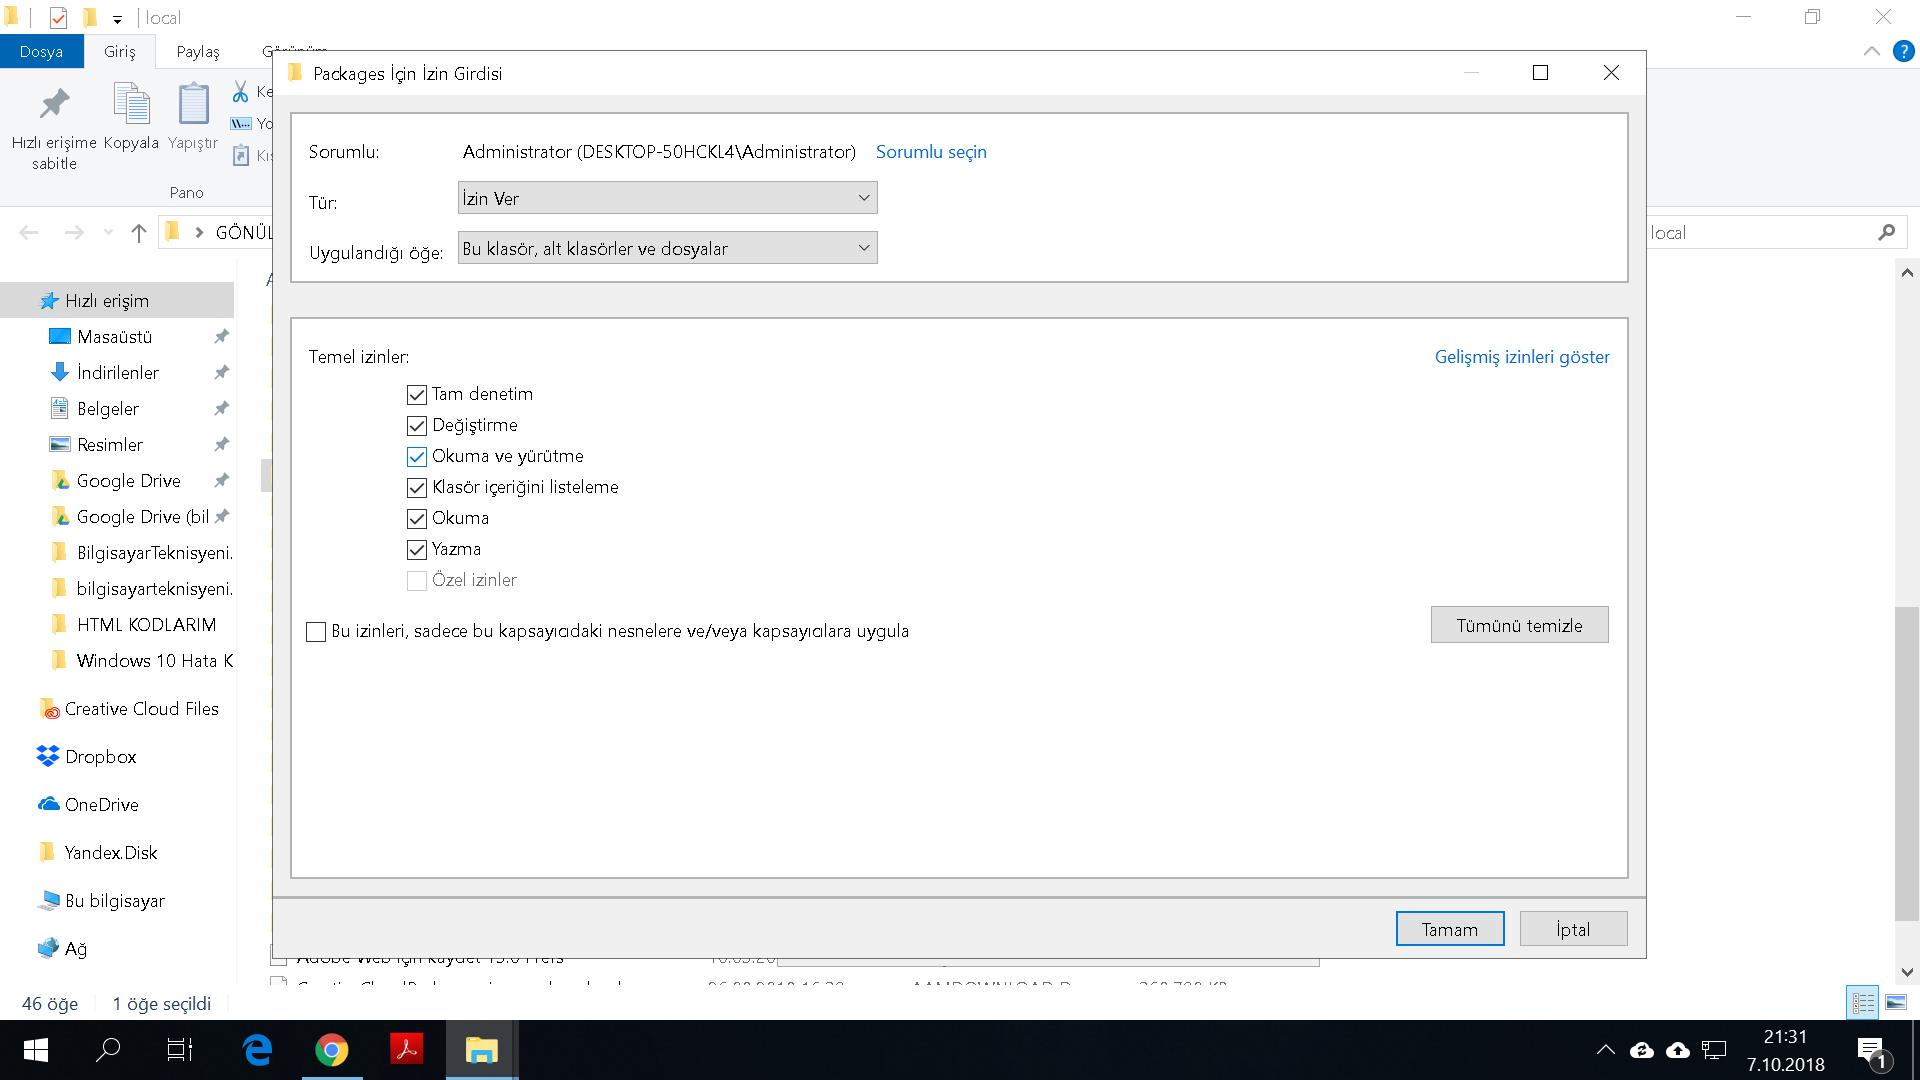 Tüm izinleri işaretleyip onaylama ekranı